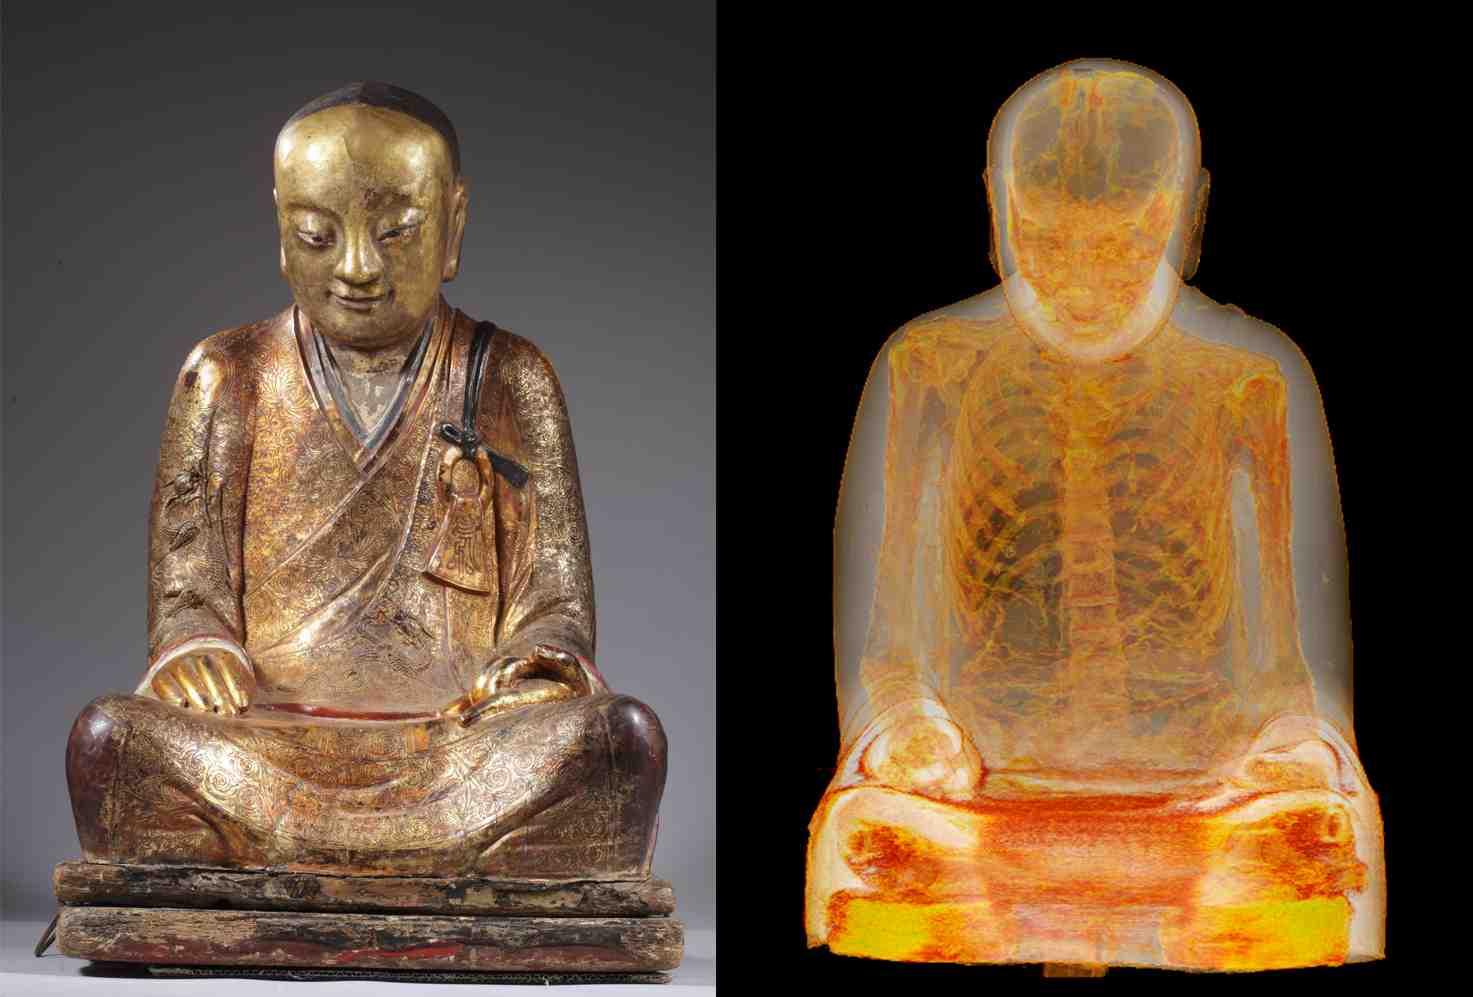 Une statue chinoise de Bouddha passée au scanner révèle la présence d'une momie